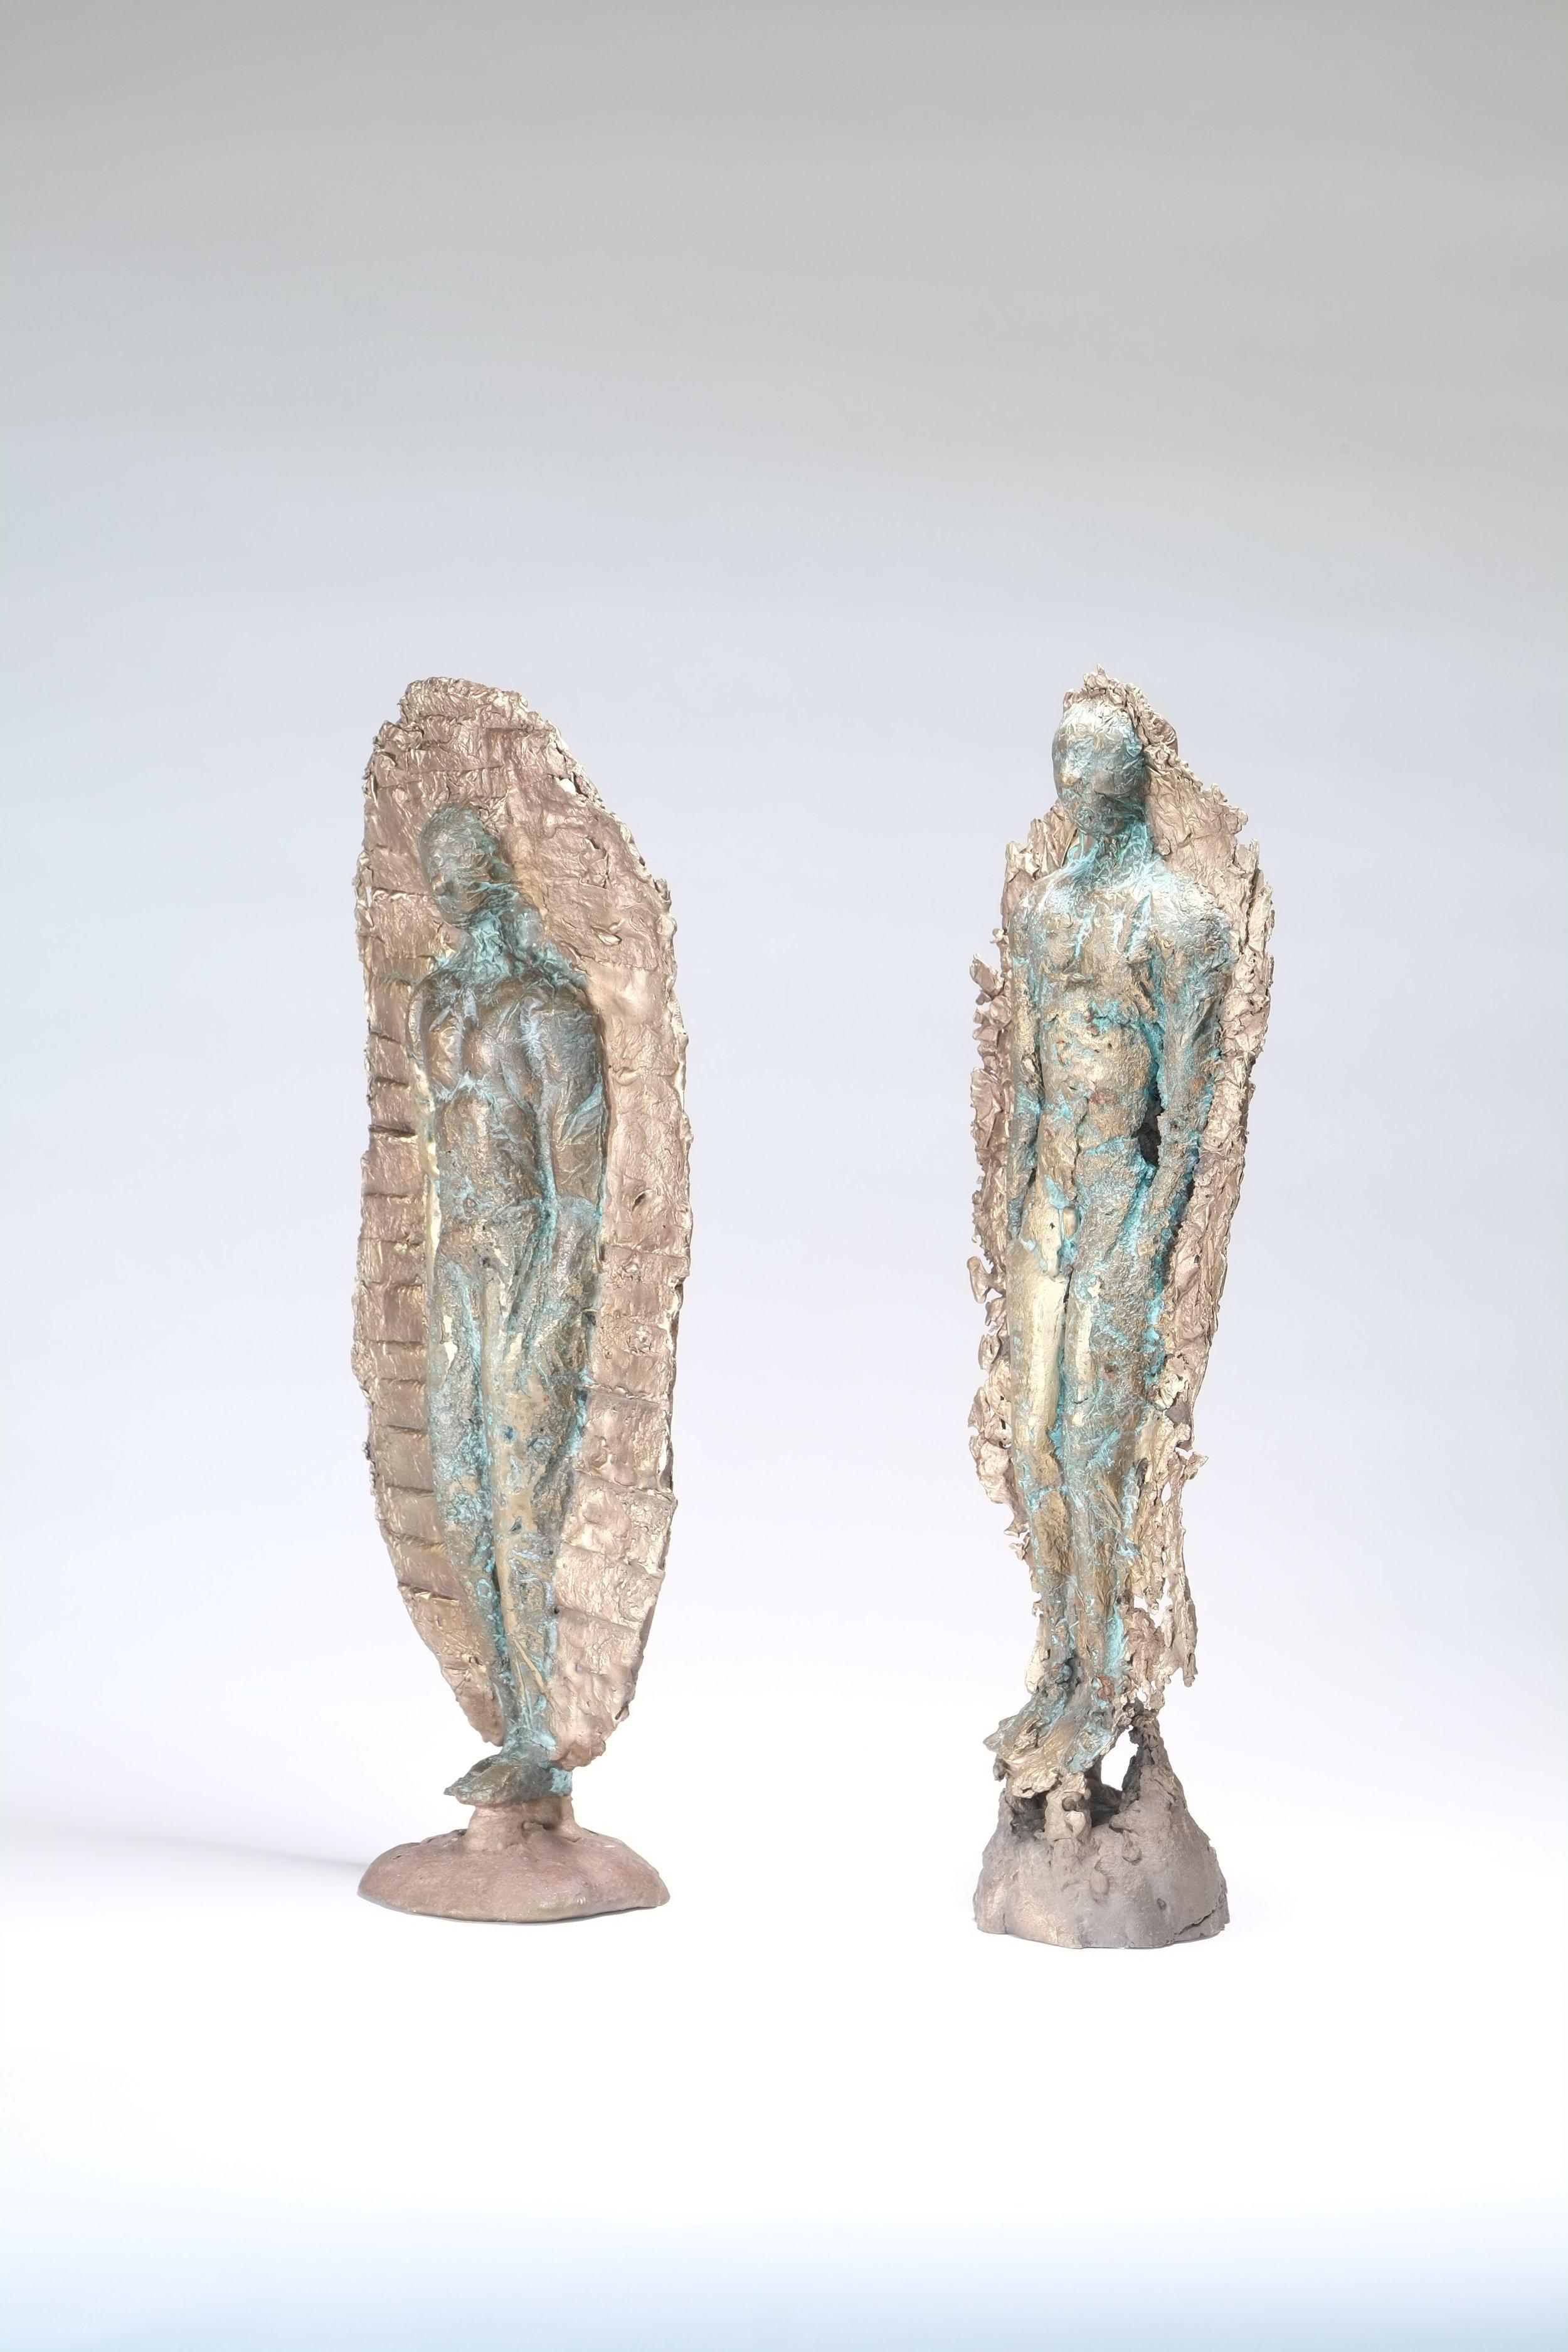 Bronze Men   £950 each  H: 35cm, W: 15, D: 8  Suitable for outdoors